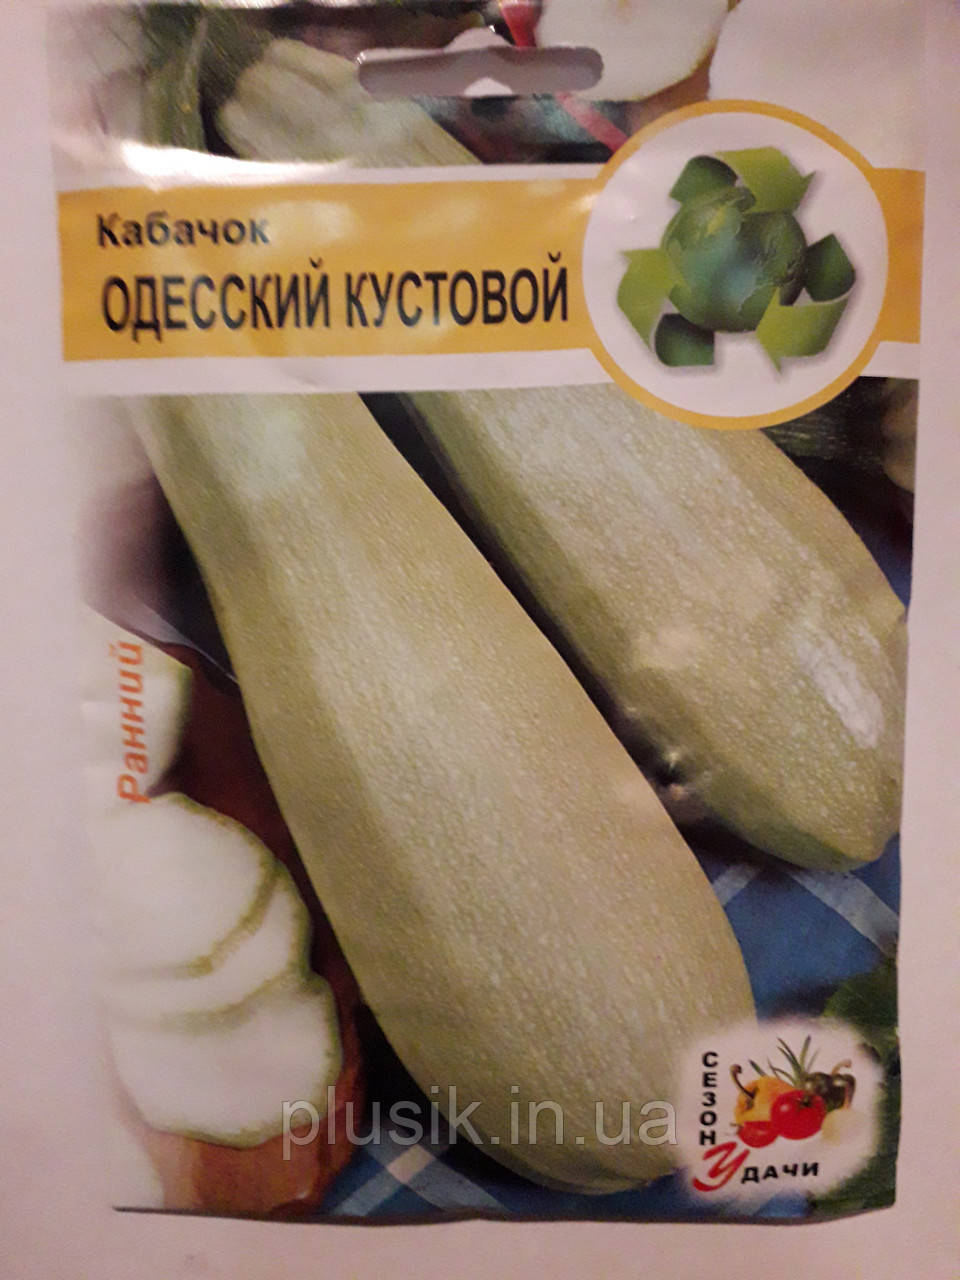 Кабачок Одесский Кустовой ранний 3 г (минимальный заказ 25 пачек)